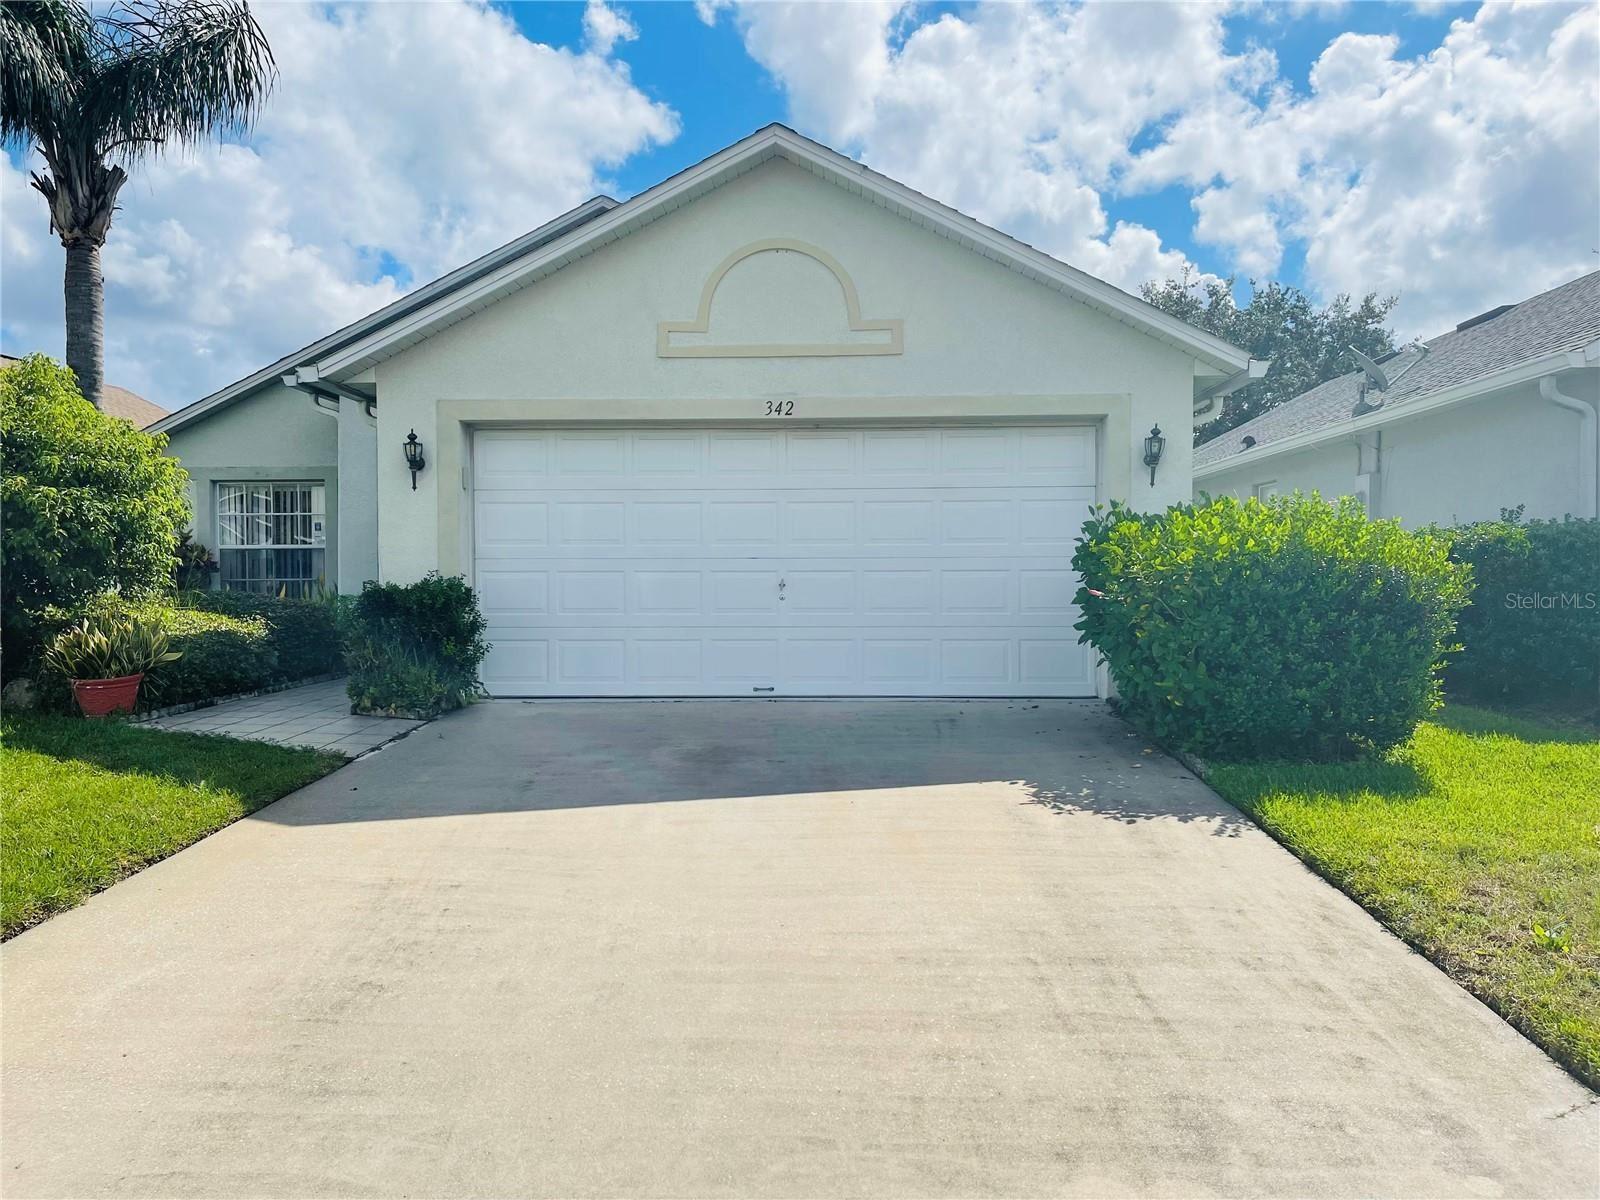 342 SEVILLE POINTE AVENUE, Orlando, FL 32807 - #: S5056797